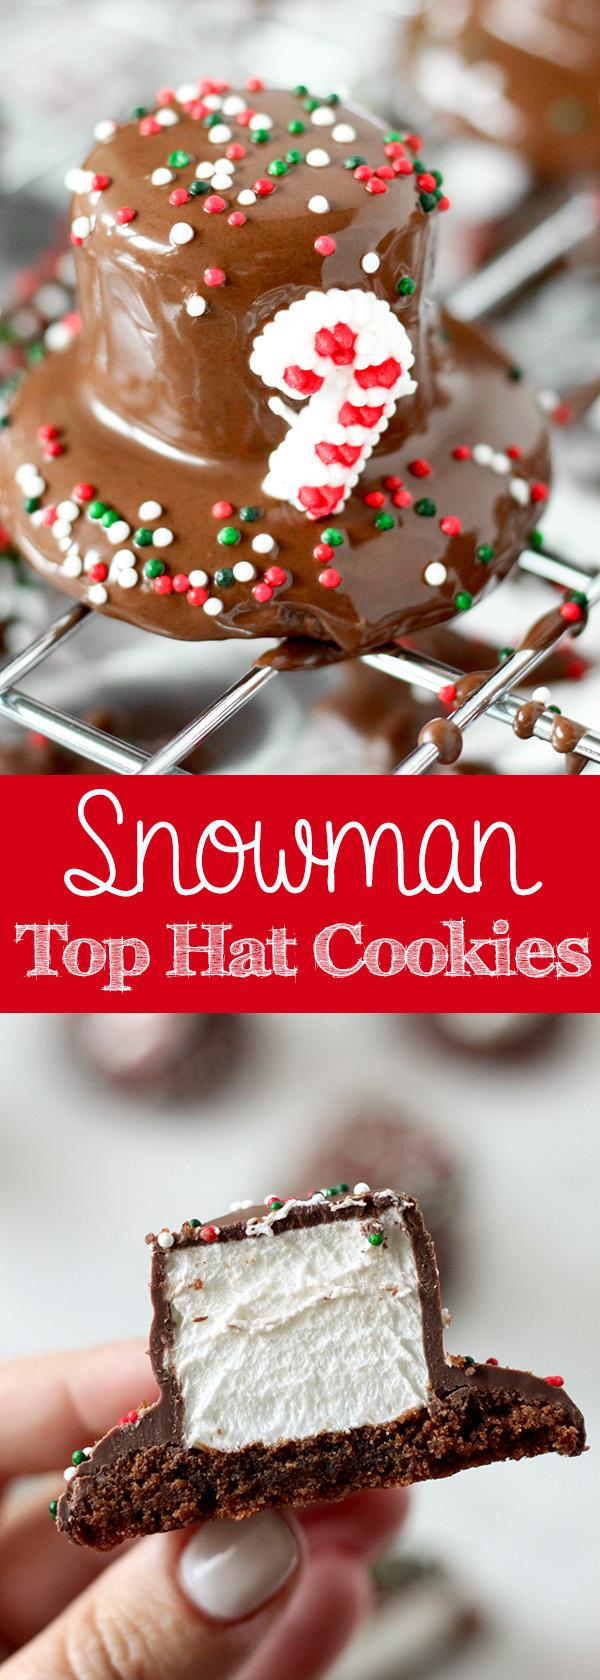 snowman-top-hat-cookies-pin